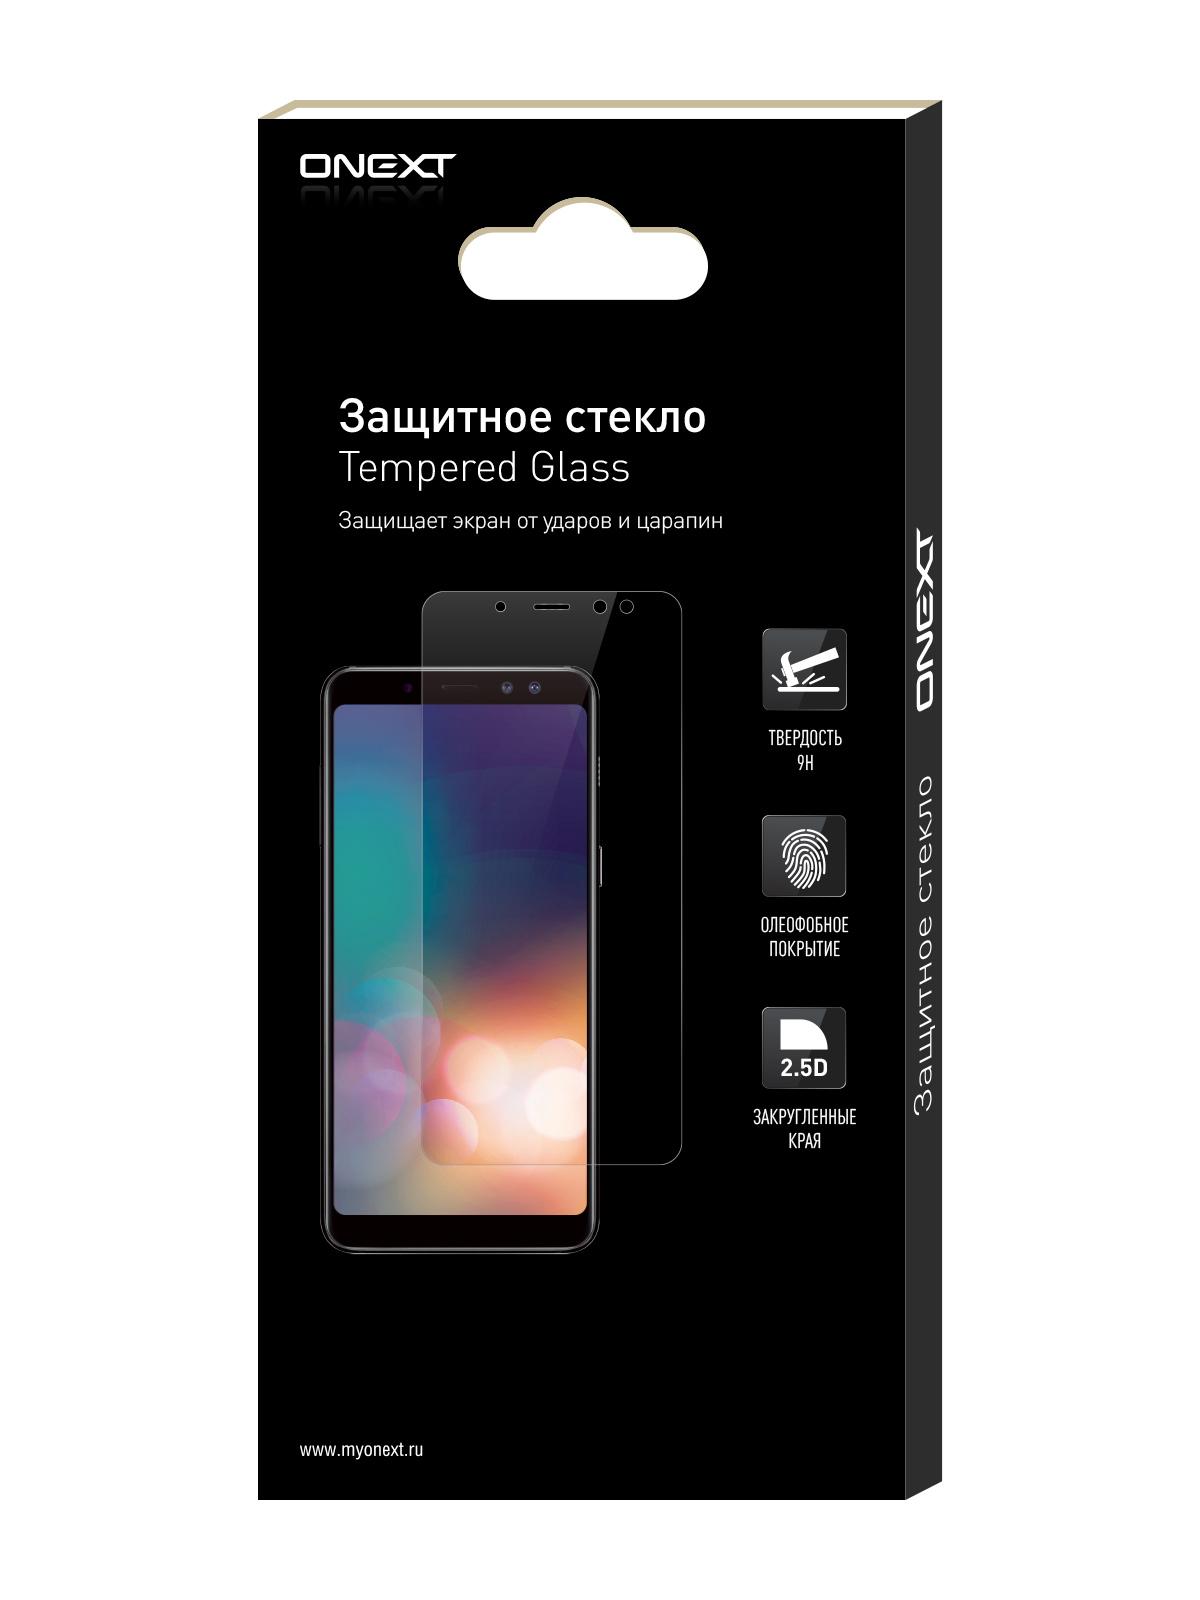 Защитное стекло ONEXT для Apple iPhone 6/iPhone 6S/iPhone 7/iPhone 8